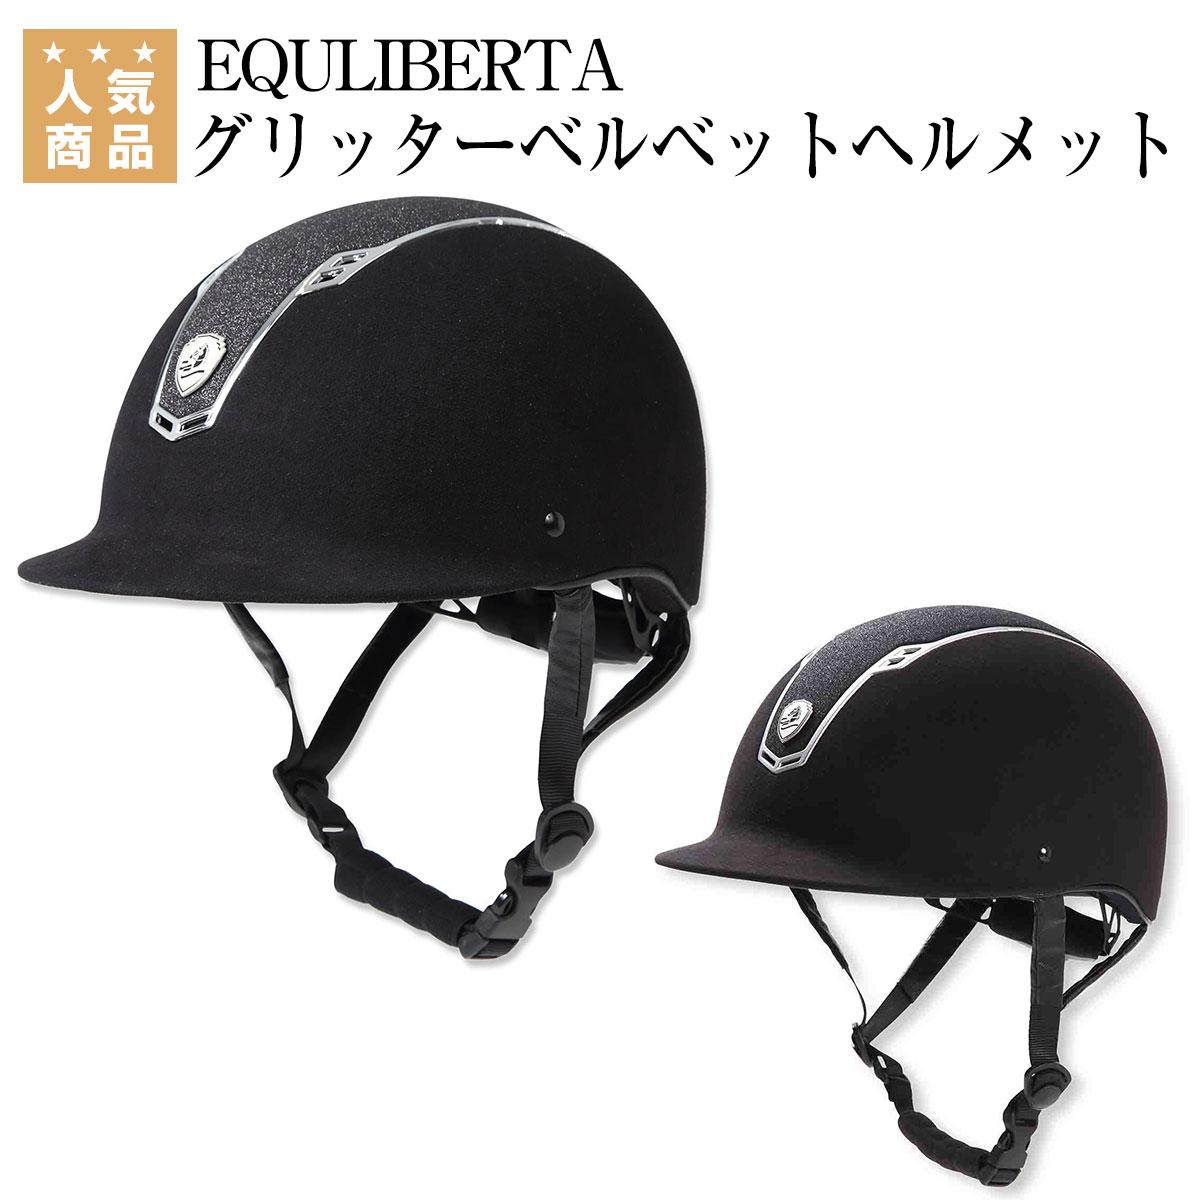 乗馬 ヘルメット レディース メンズ ジュニア 送料無料 サイズ調整 乗馬ヘルメット 収納バッグ付 乗馬用品 キャップ 乗馬 用 安全 帽子 乗馬帽 馬具 用品 初心者 ビギナー 競技 エクリベルタ | EQULIBERTA グリッターベルベット ダイヤル調整ヘルメット